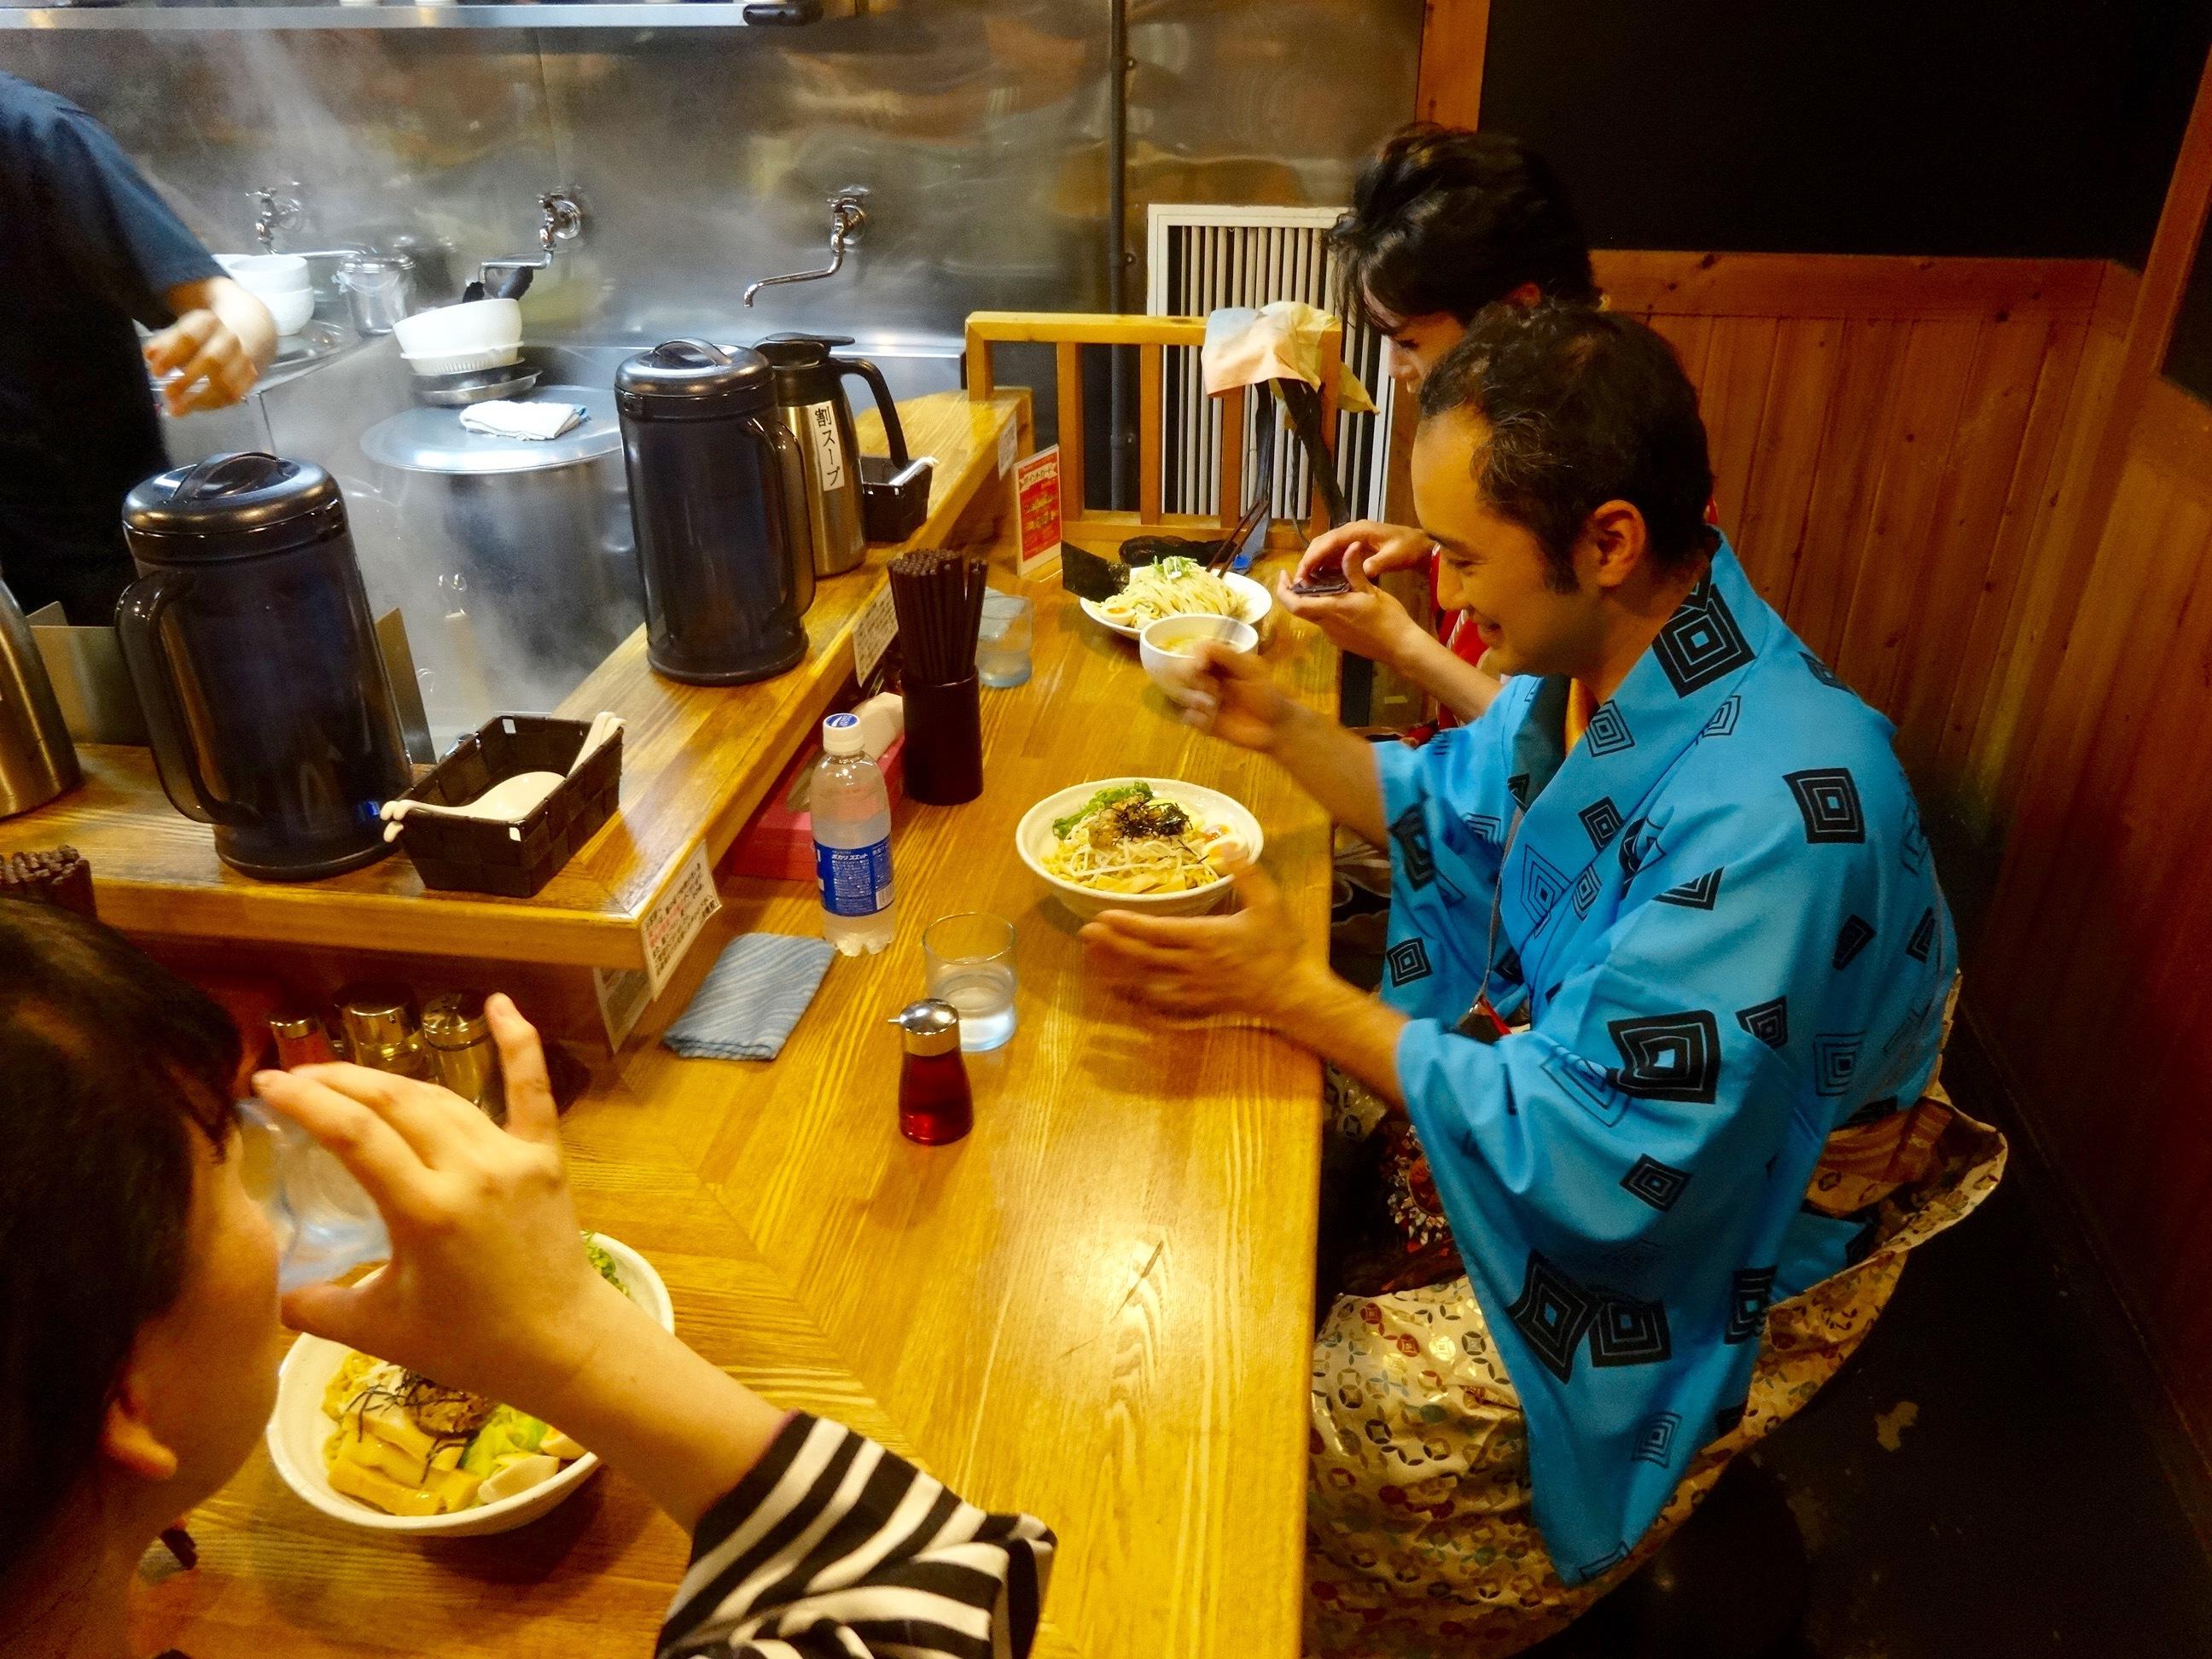 中野駅北口徒歩30秒 豚そば鶏つけそば専門店上海麺館@中野区中野5−63−4 にて、のまど舎ちんどん御一行様 ランチ中